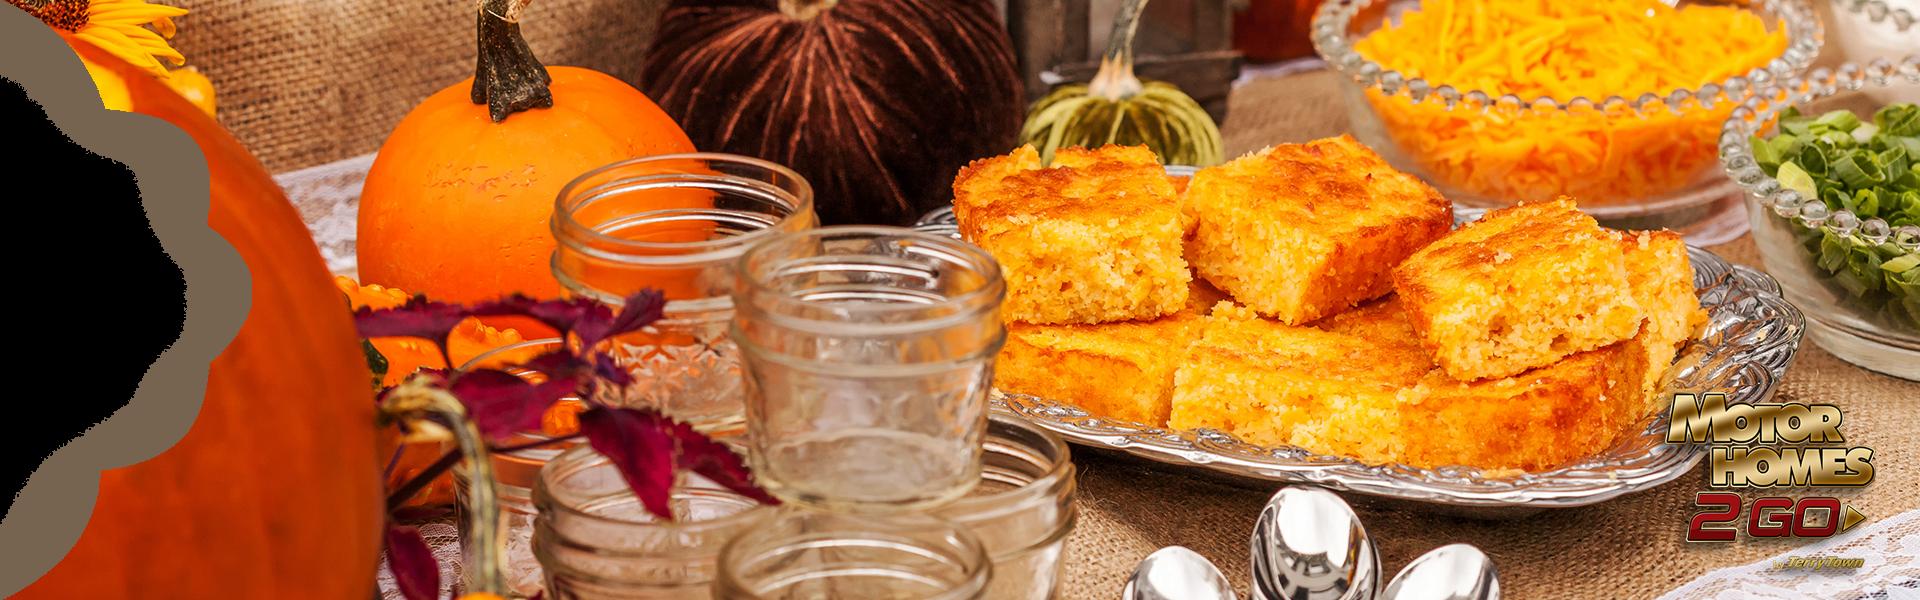 Take a bite out of pumpkin cornbread.